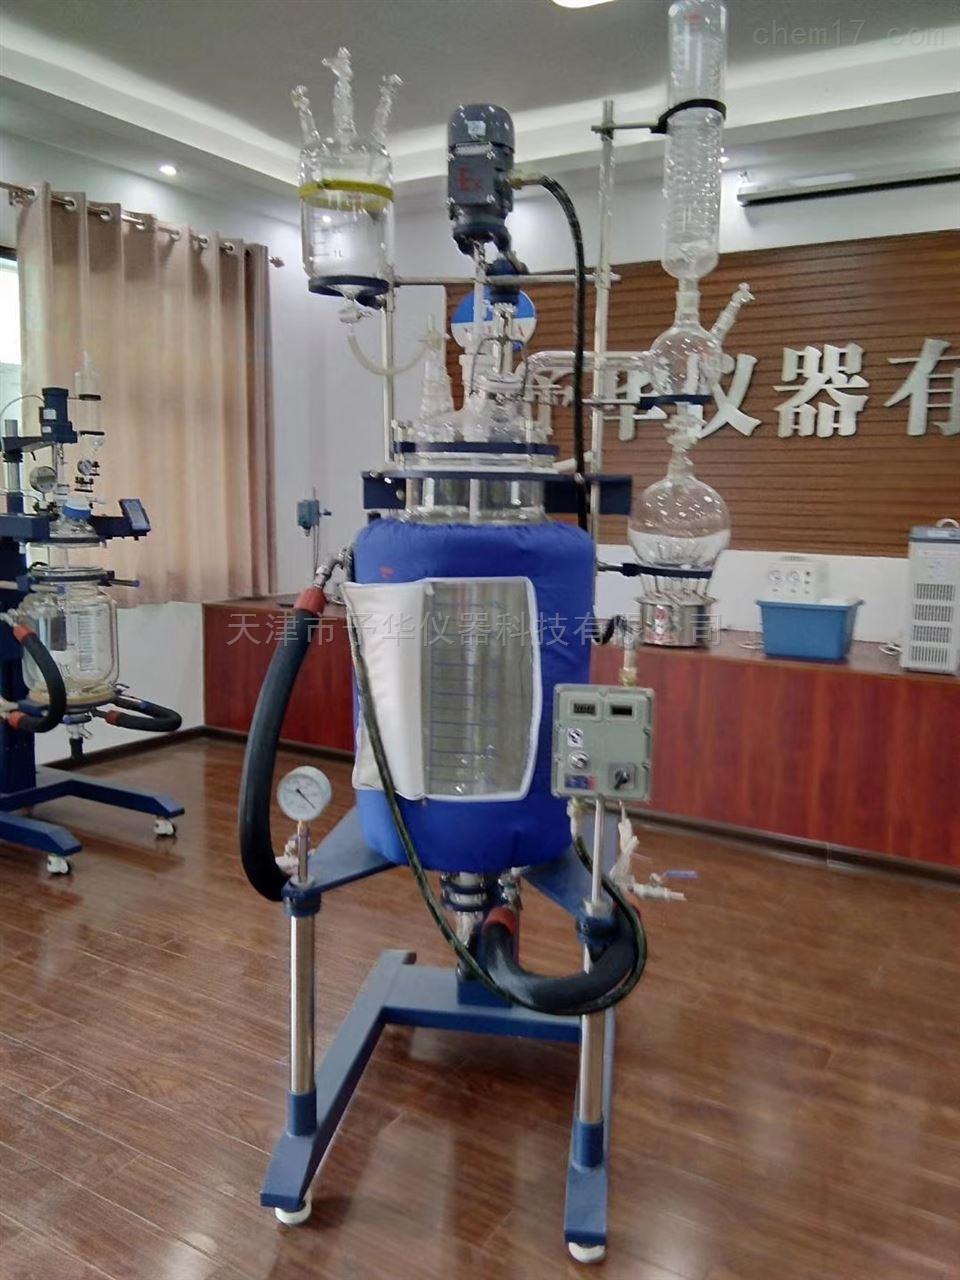 防爆双层玻璃反应釜予华仪器专业生产厂家